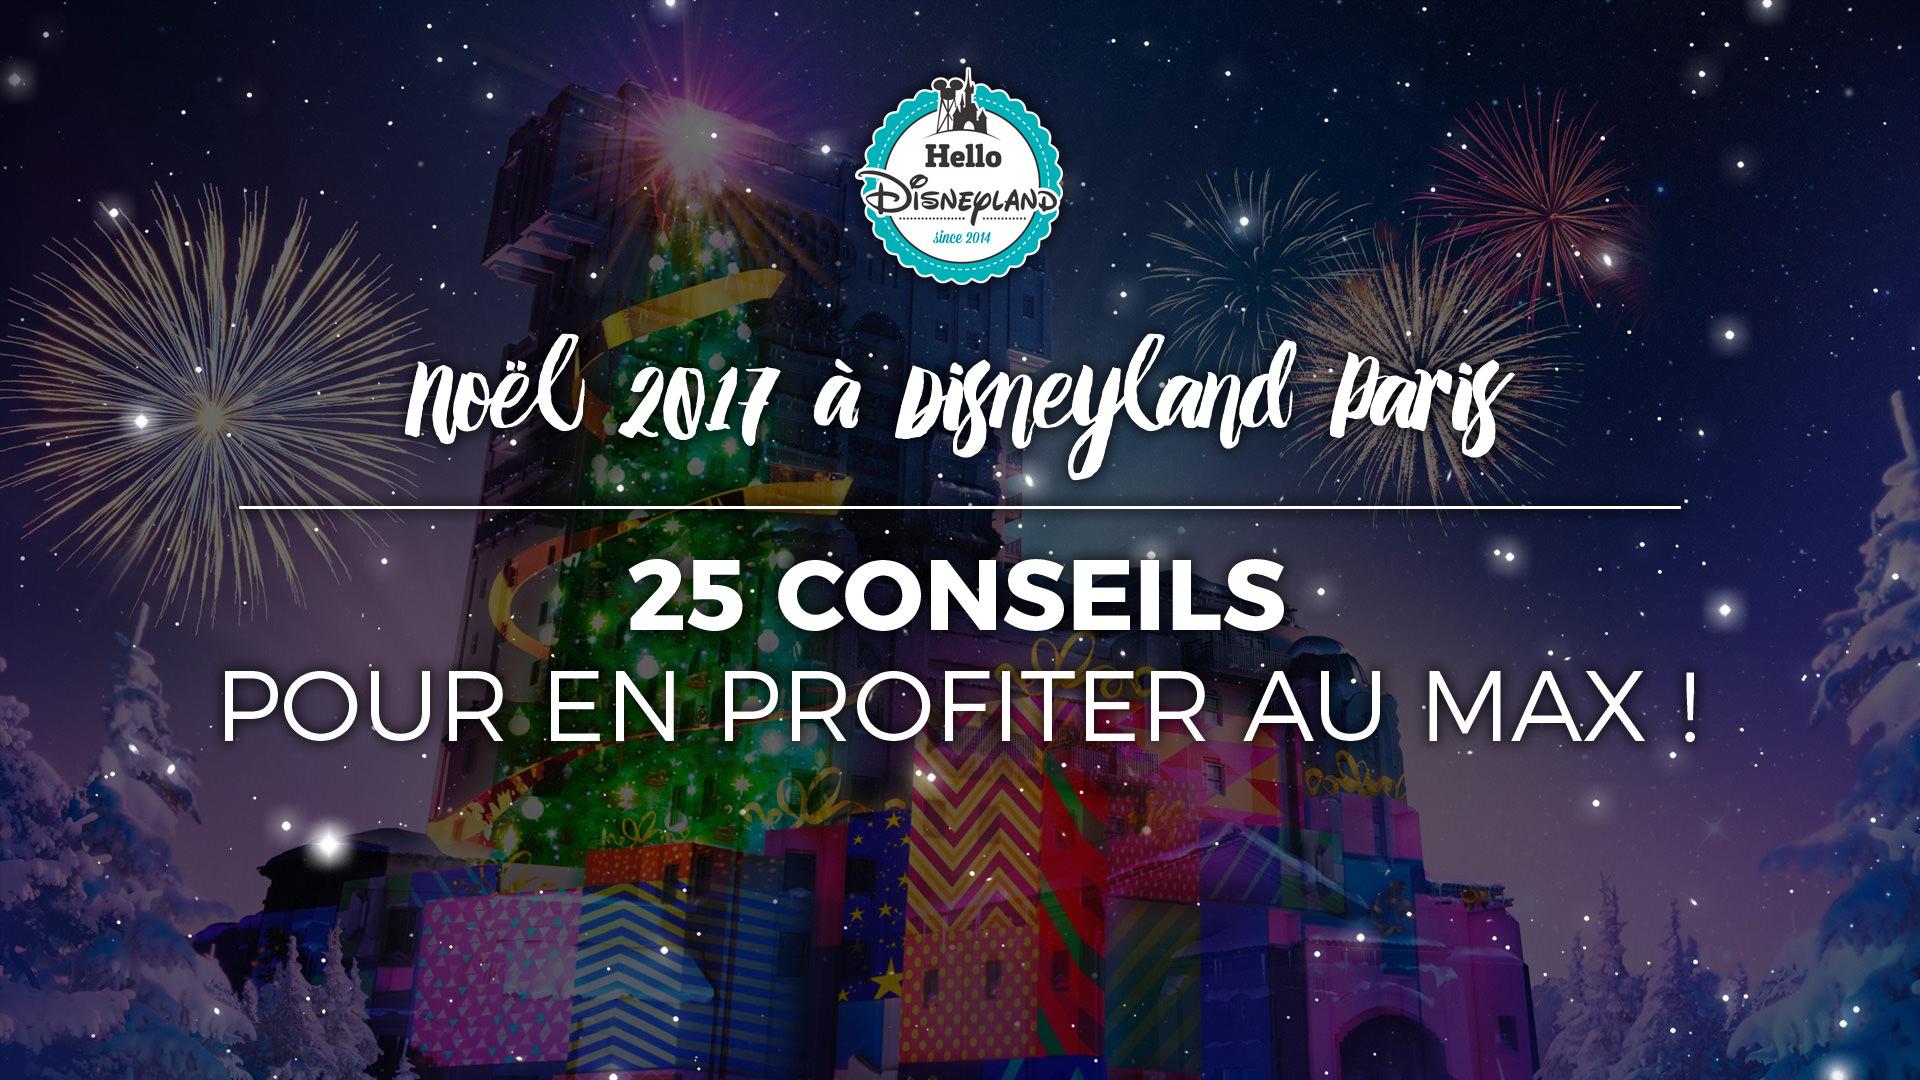 25 Conseils Pour Profiter A Fond De Noel En 2017 A